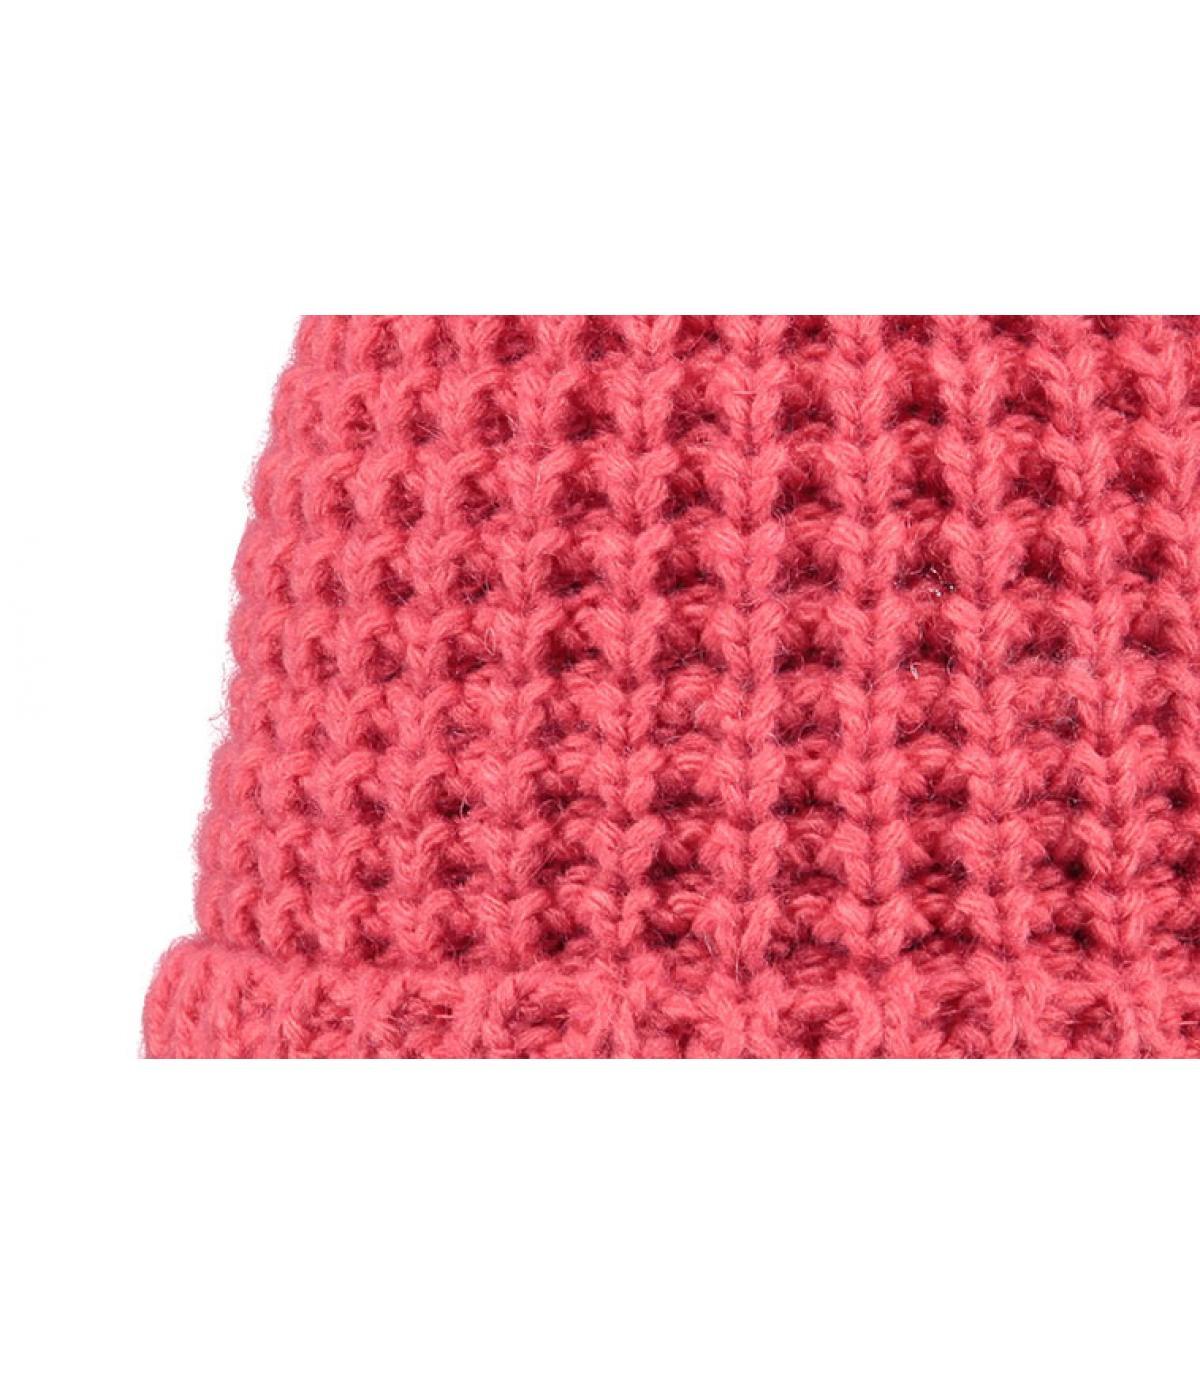 Details Bonnie muts roze - afbeeling 2